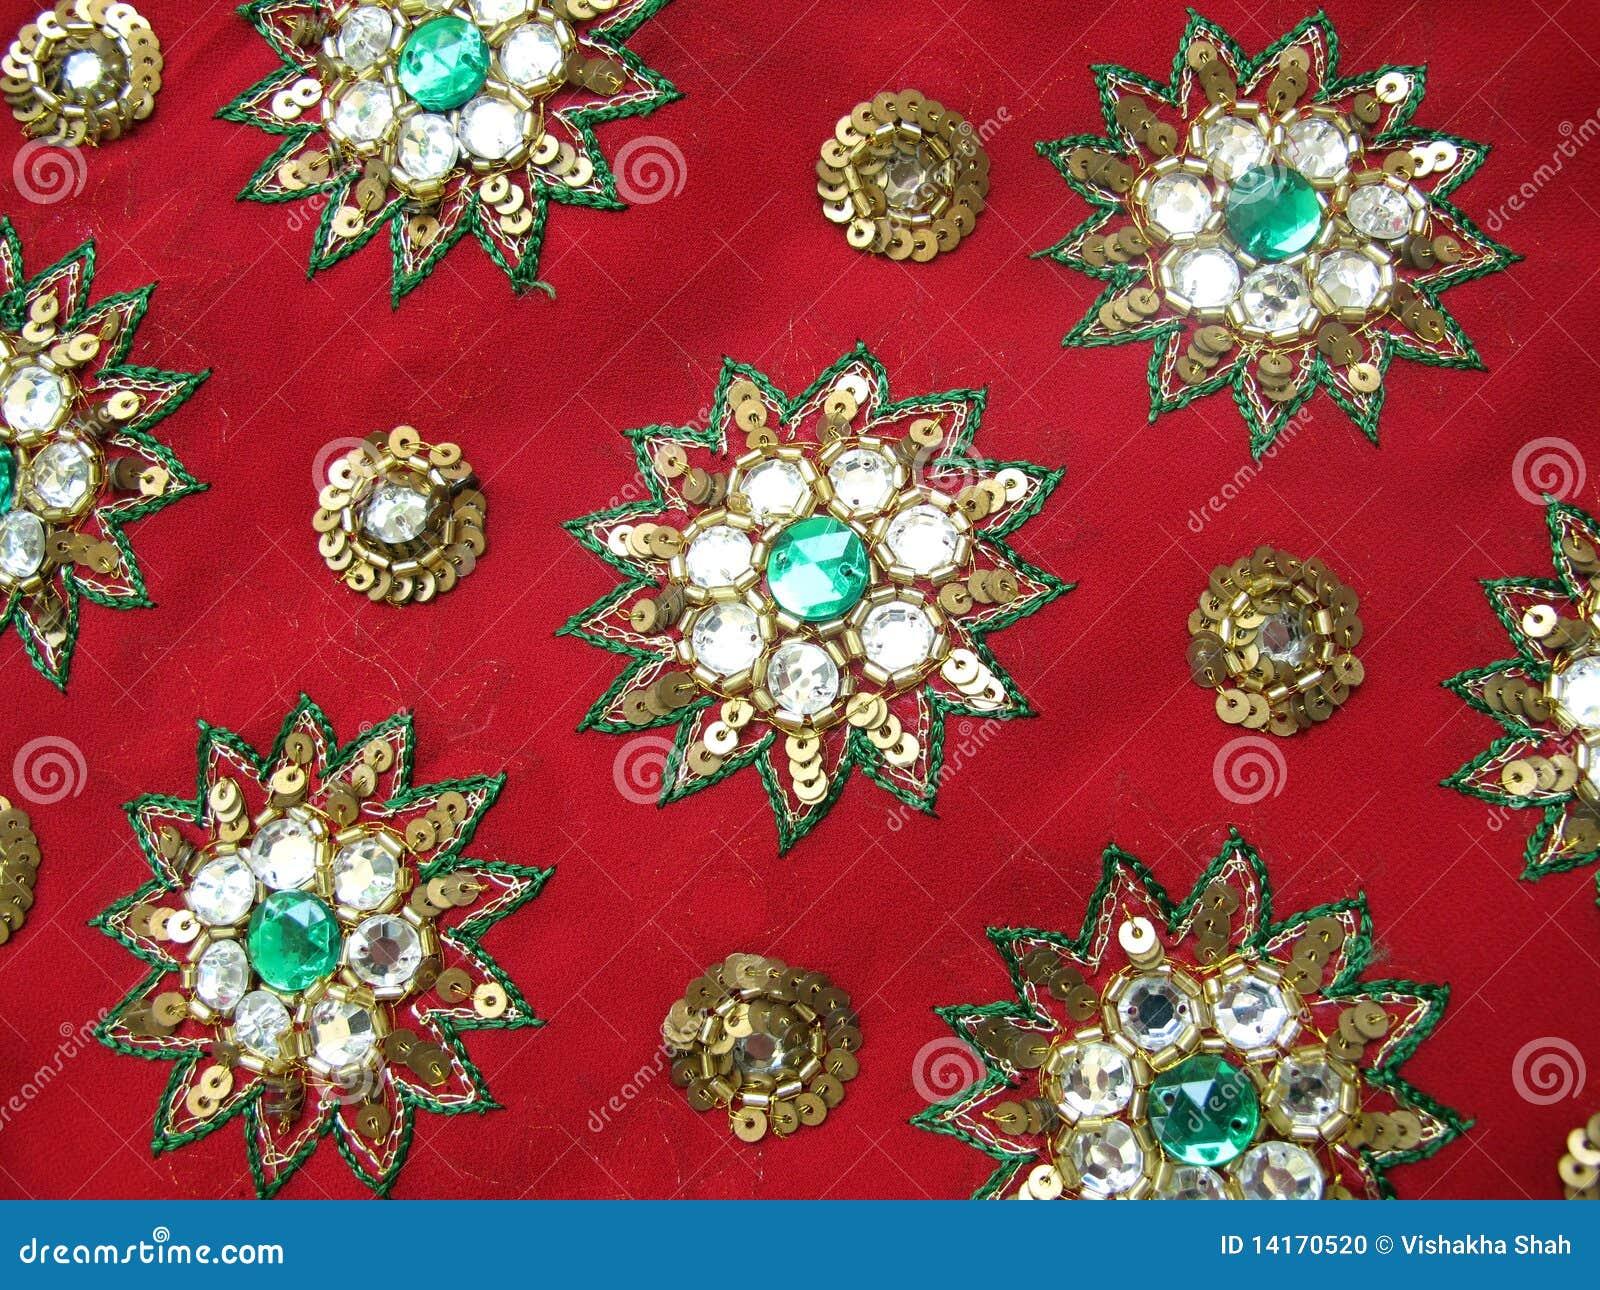 Red designer fabric